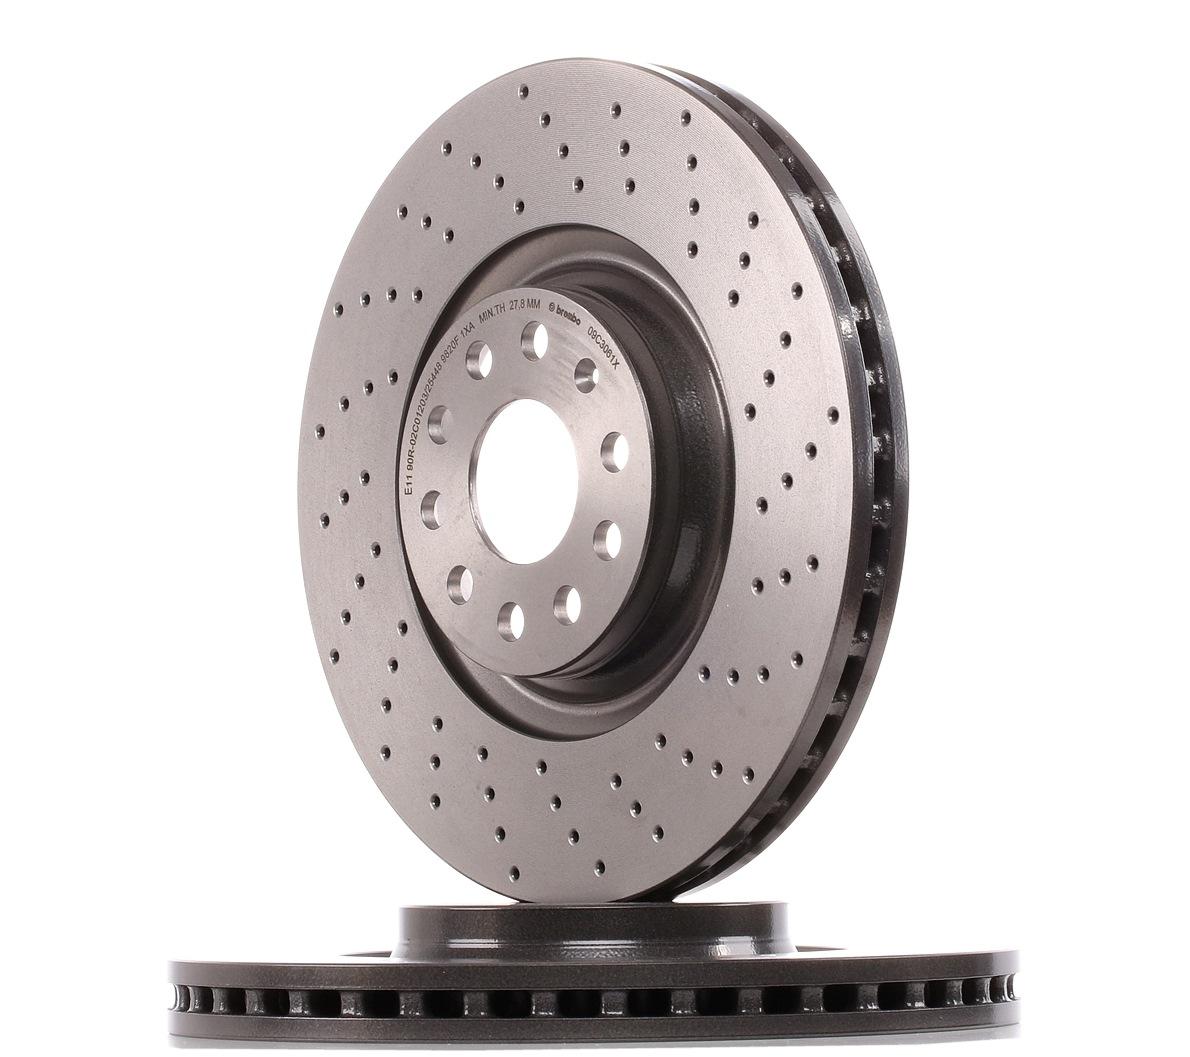 Achetez Disque de frein BREMBO 09.C306.1X (Ø: 340, 340,0mm, Épaisseur du disque de frein: 30, 30,0mm) à un rapport qualité-prix exceptionnel